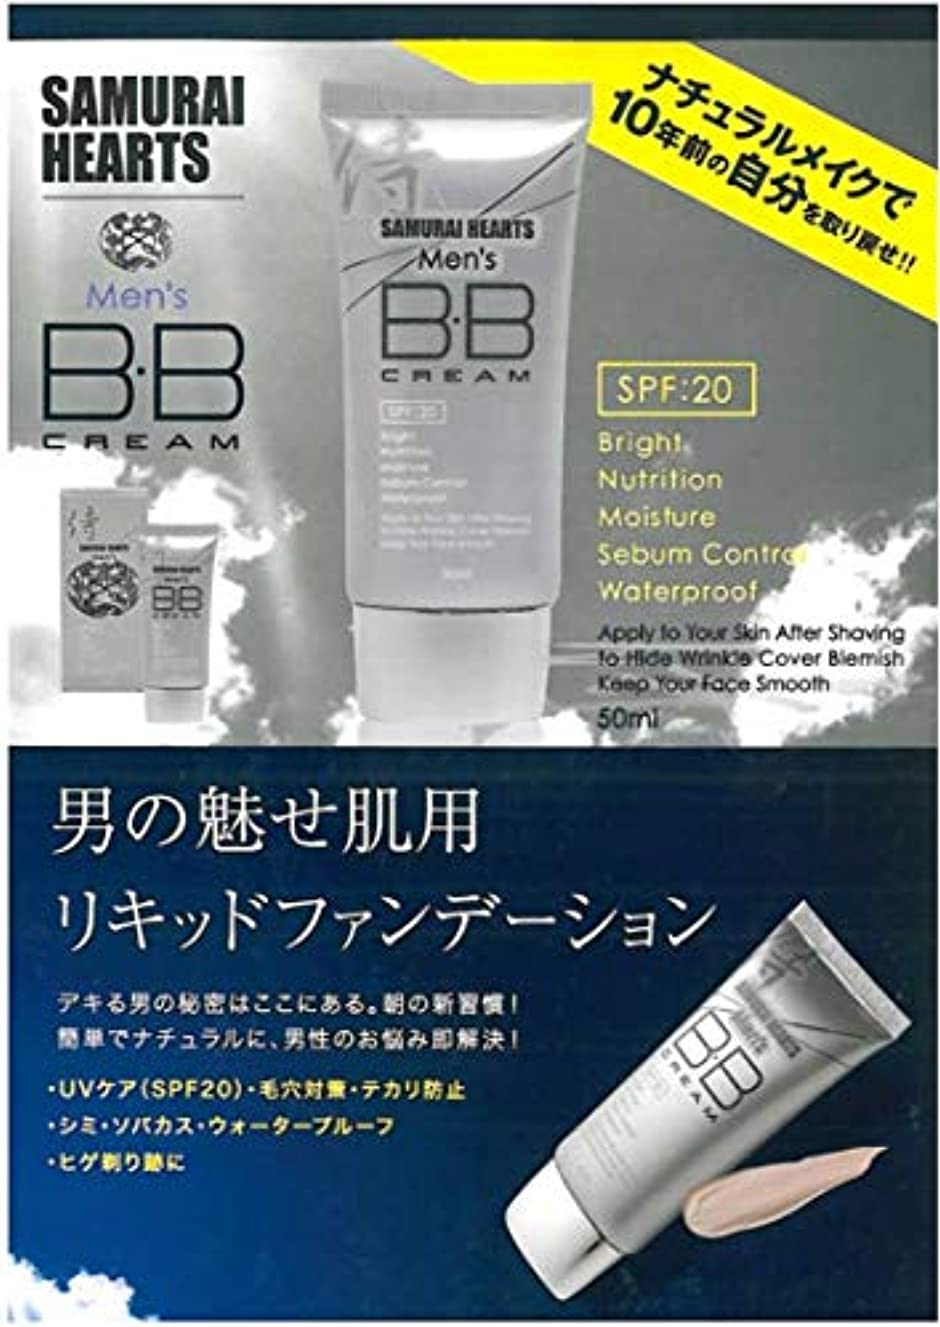 香港ランデブー演劇サムライハーツBBクリーム BBクリーム ファンデーション 男性用 メンズ 化粧品